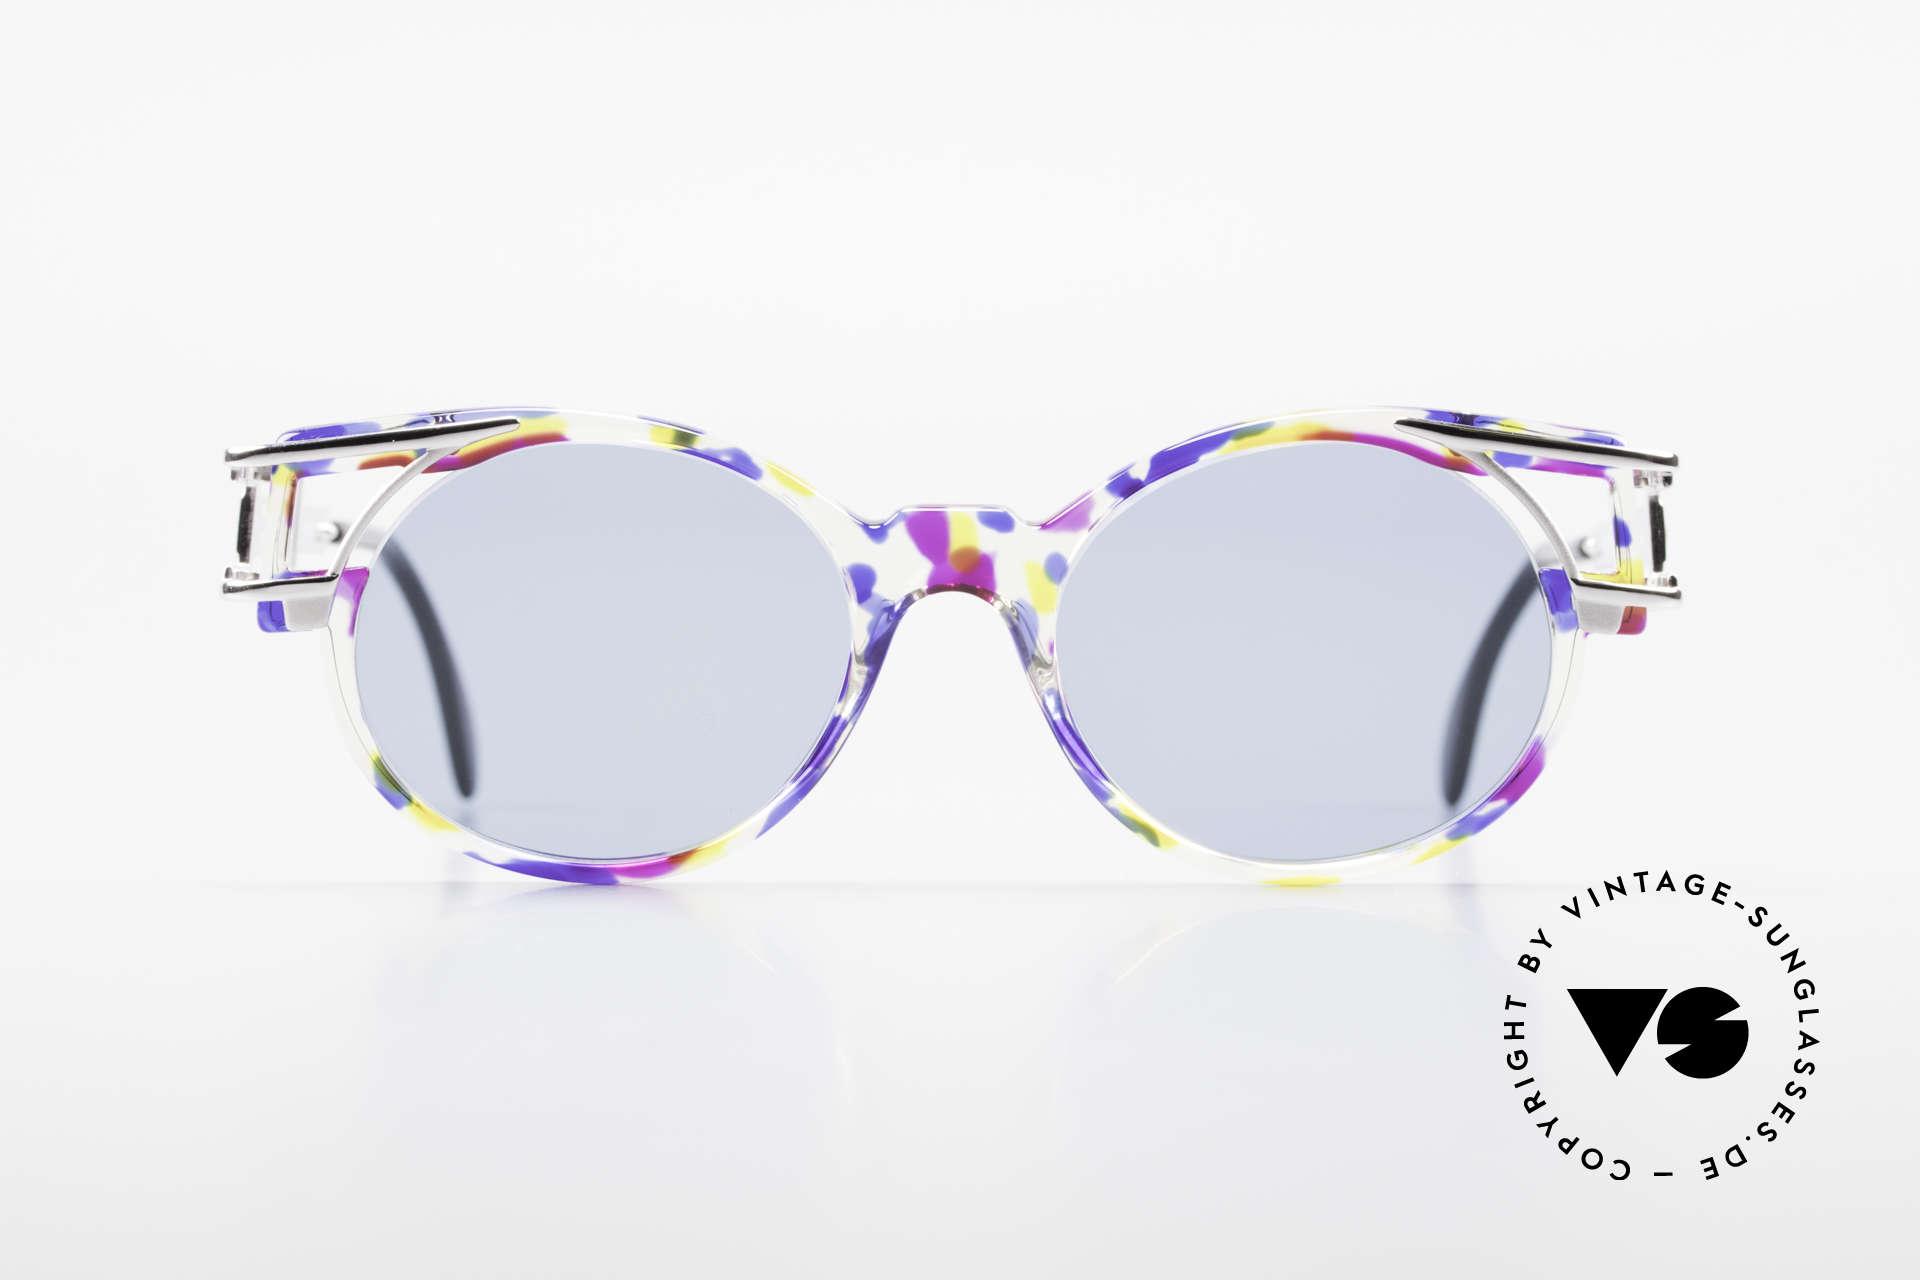 Cazal 353 Alte Cazal Hip Hop Brille 90er, damals schon als Hip-Hop-Brille schlechthin bekannt, Passend für Herren und Damen